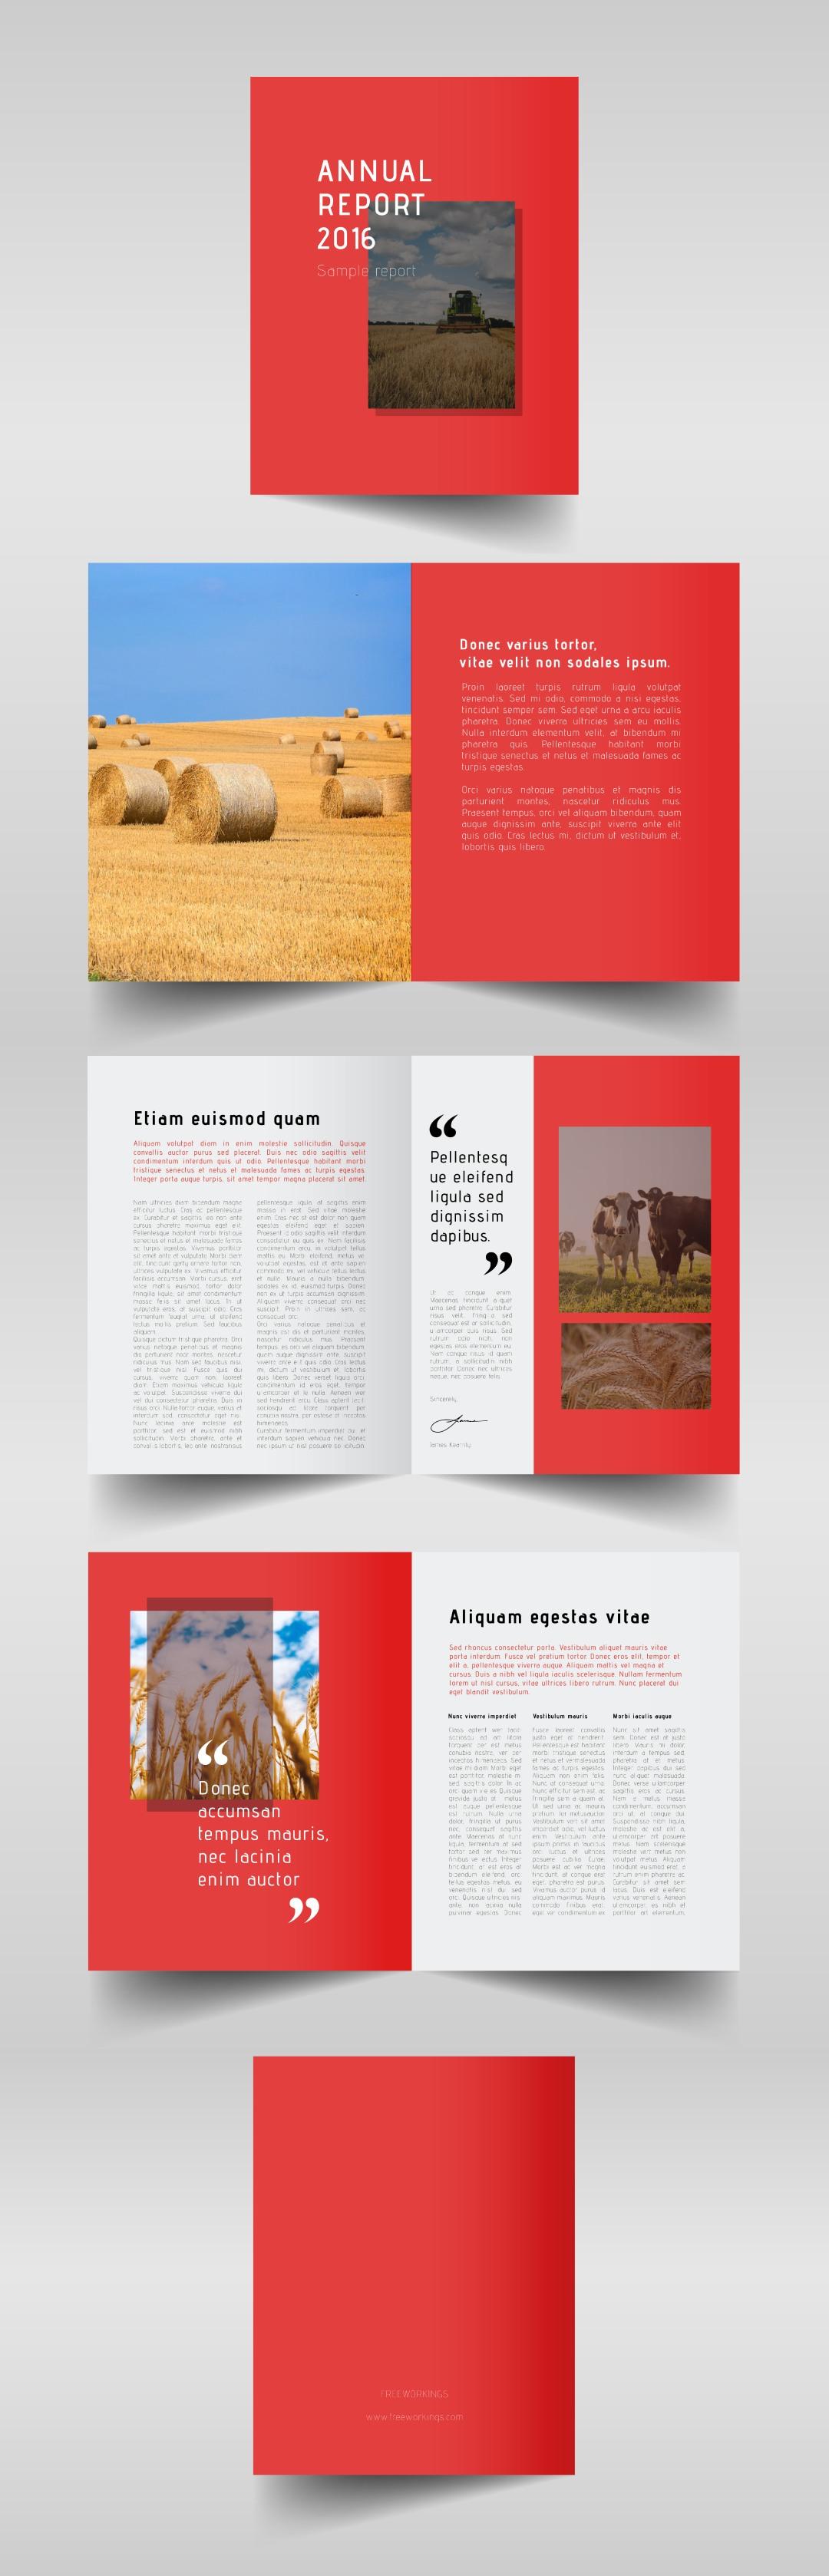 export_farmersred-01